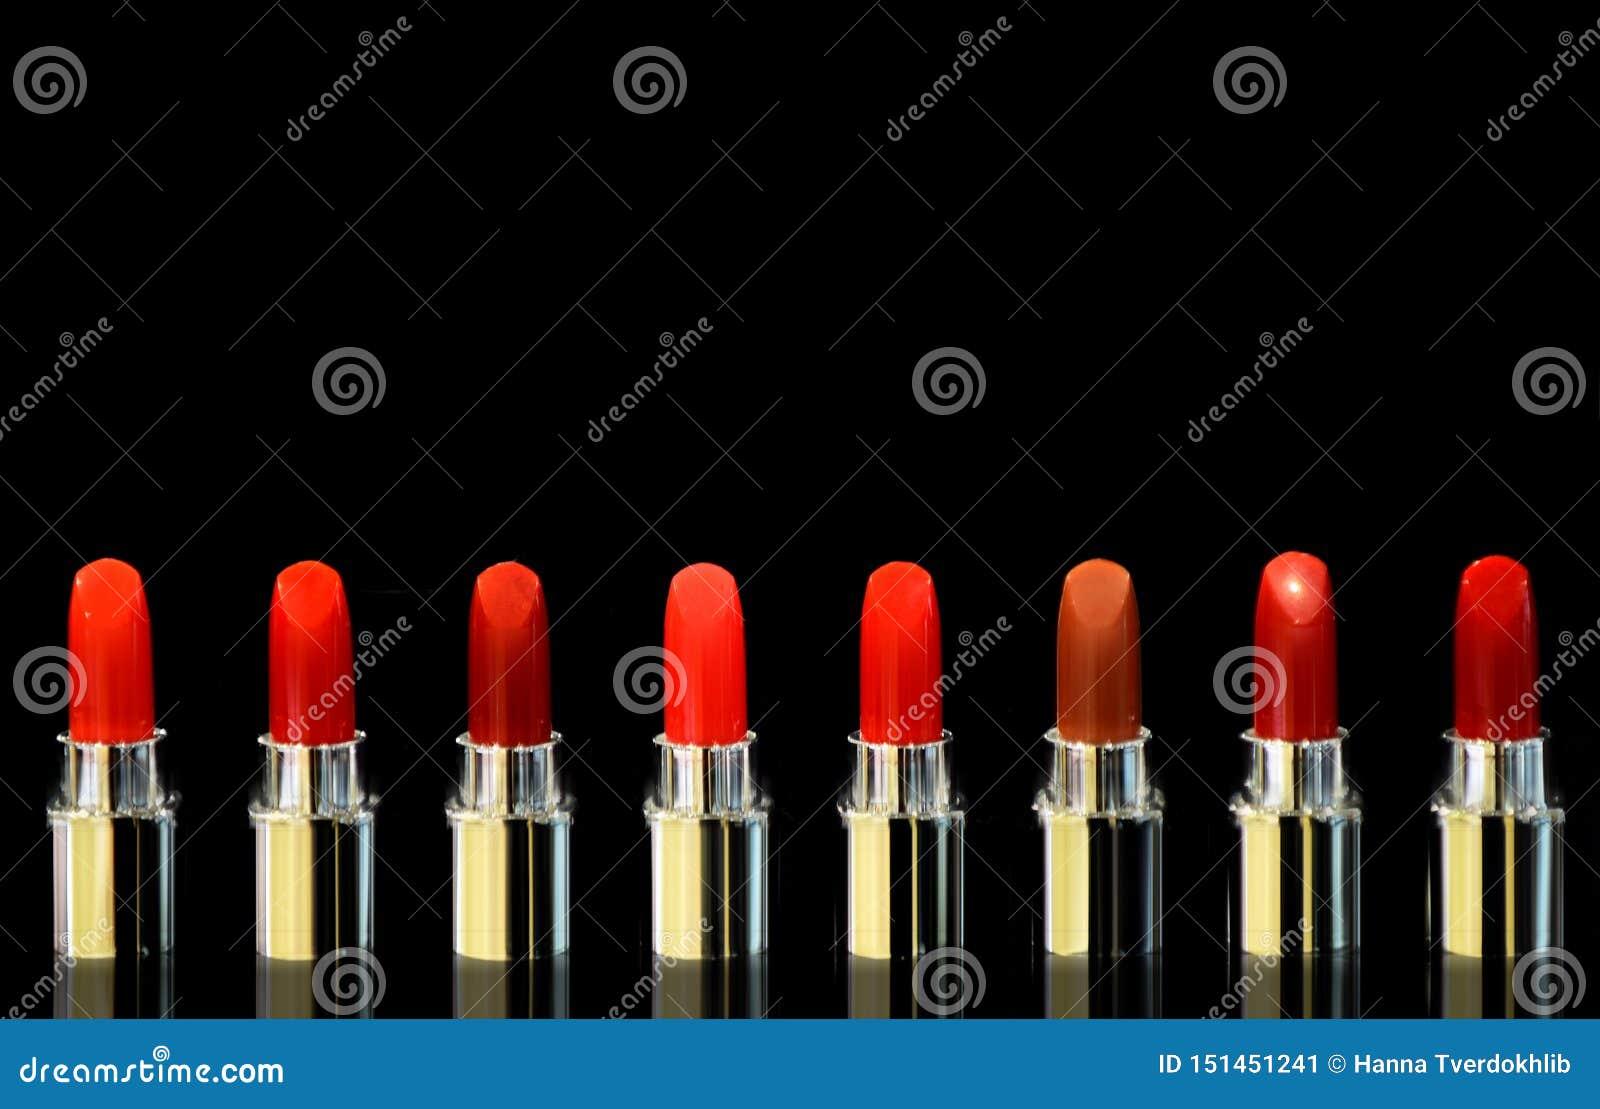 Sköt av röda läppstift av olik färg P? svart bakgrund Sk?nhetsmedelbegrepp Härlig lyxig modern höjdpunkt